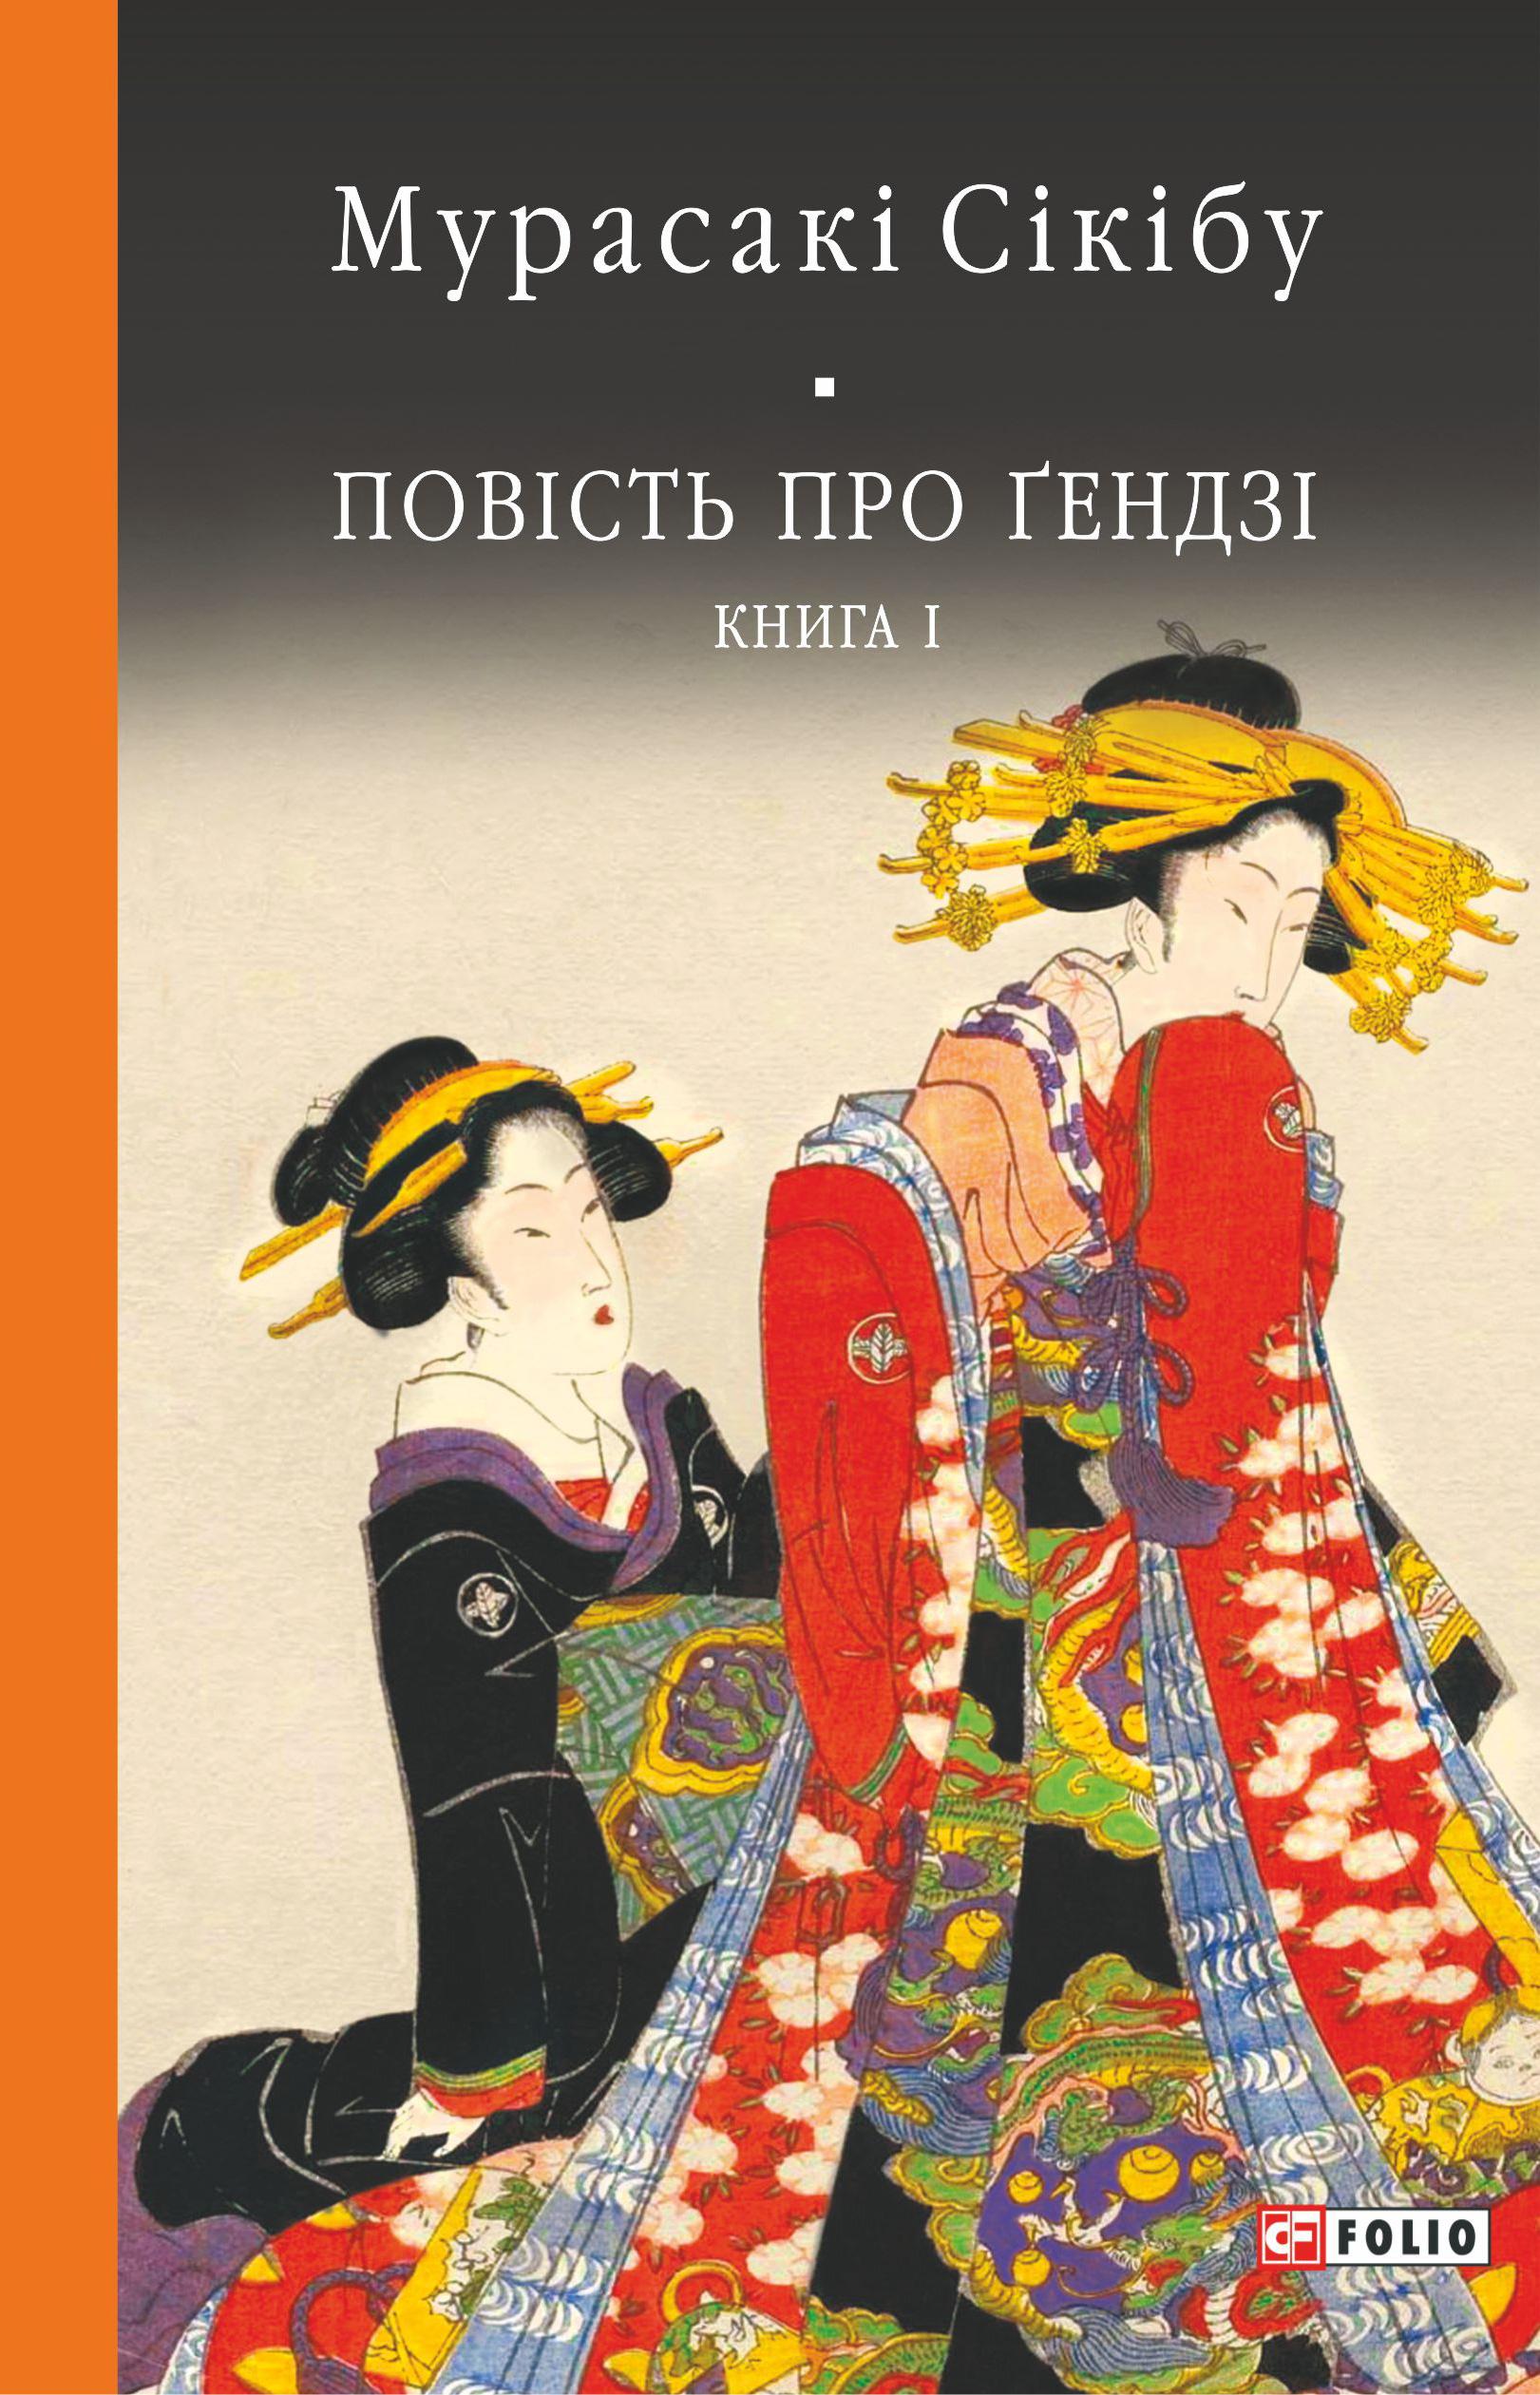 Купить книгу Повість про Ґендзі. Книга 1, автора